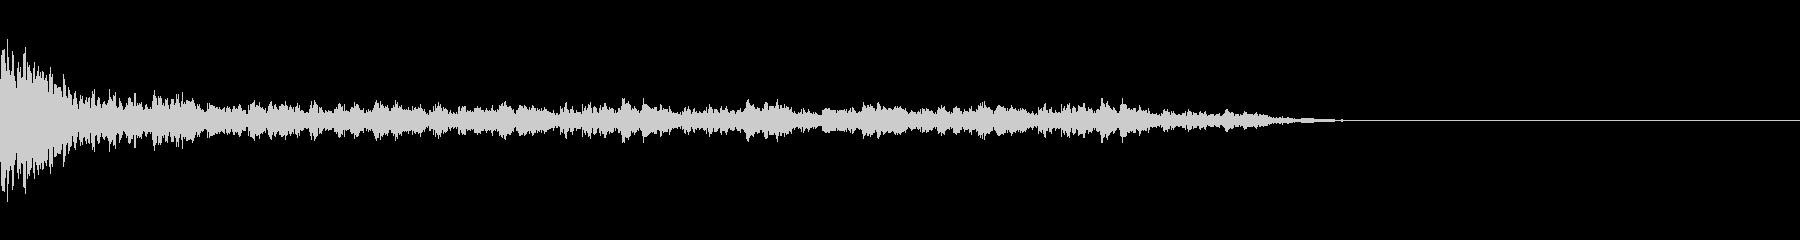 結果発表_ドラムロールの未再生の波形